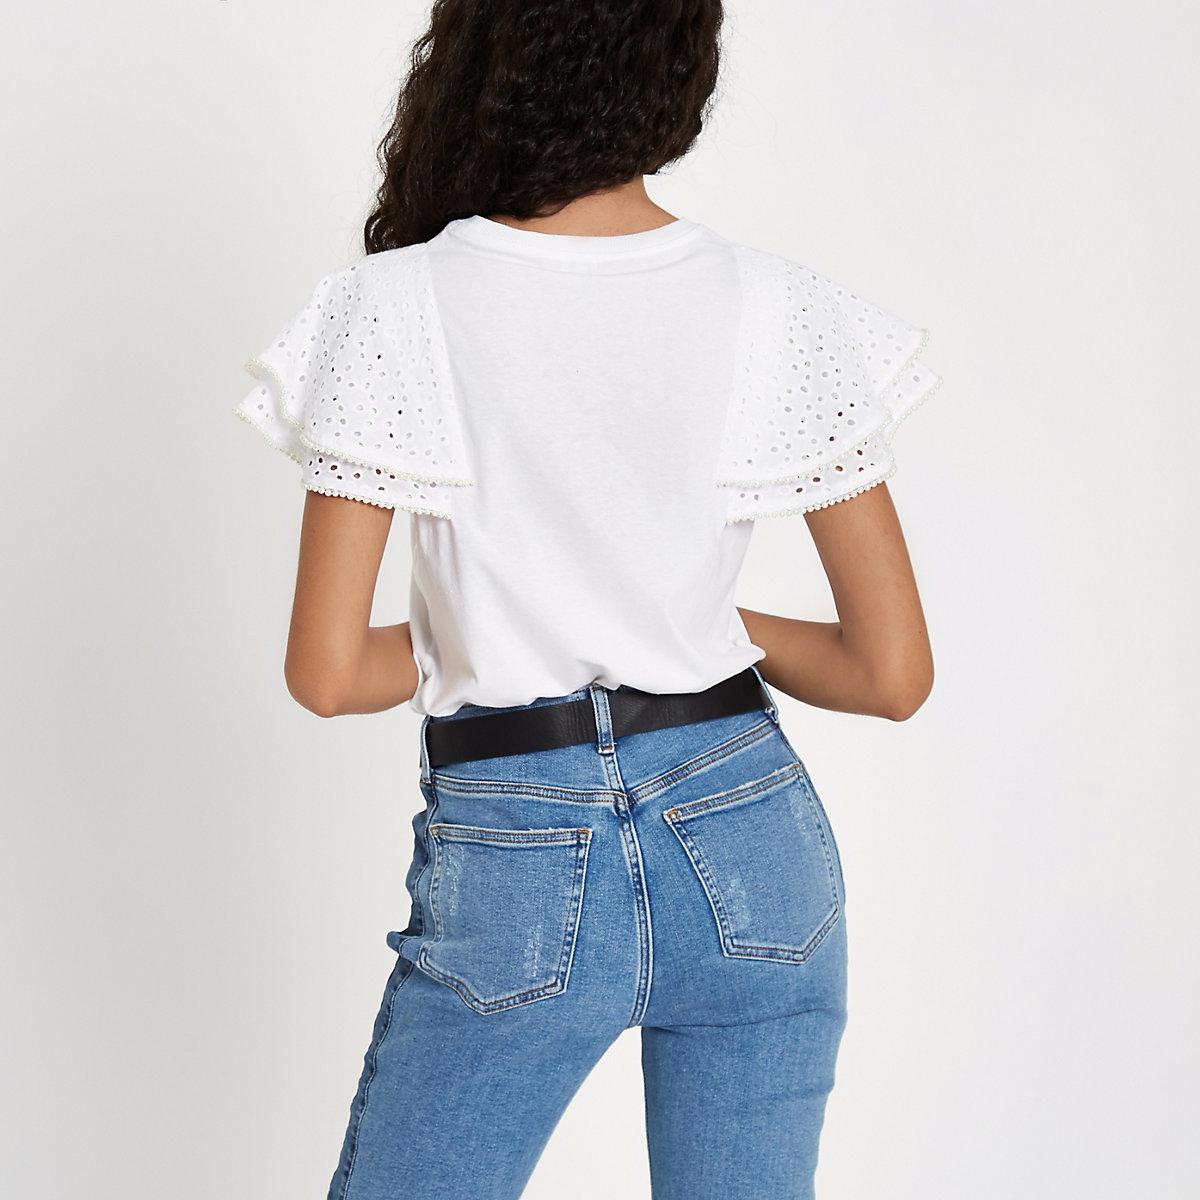 Broiderie Femme Shirt Tops T White Chemises Fw7SvxS6